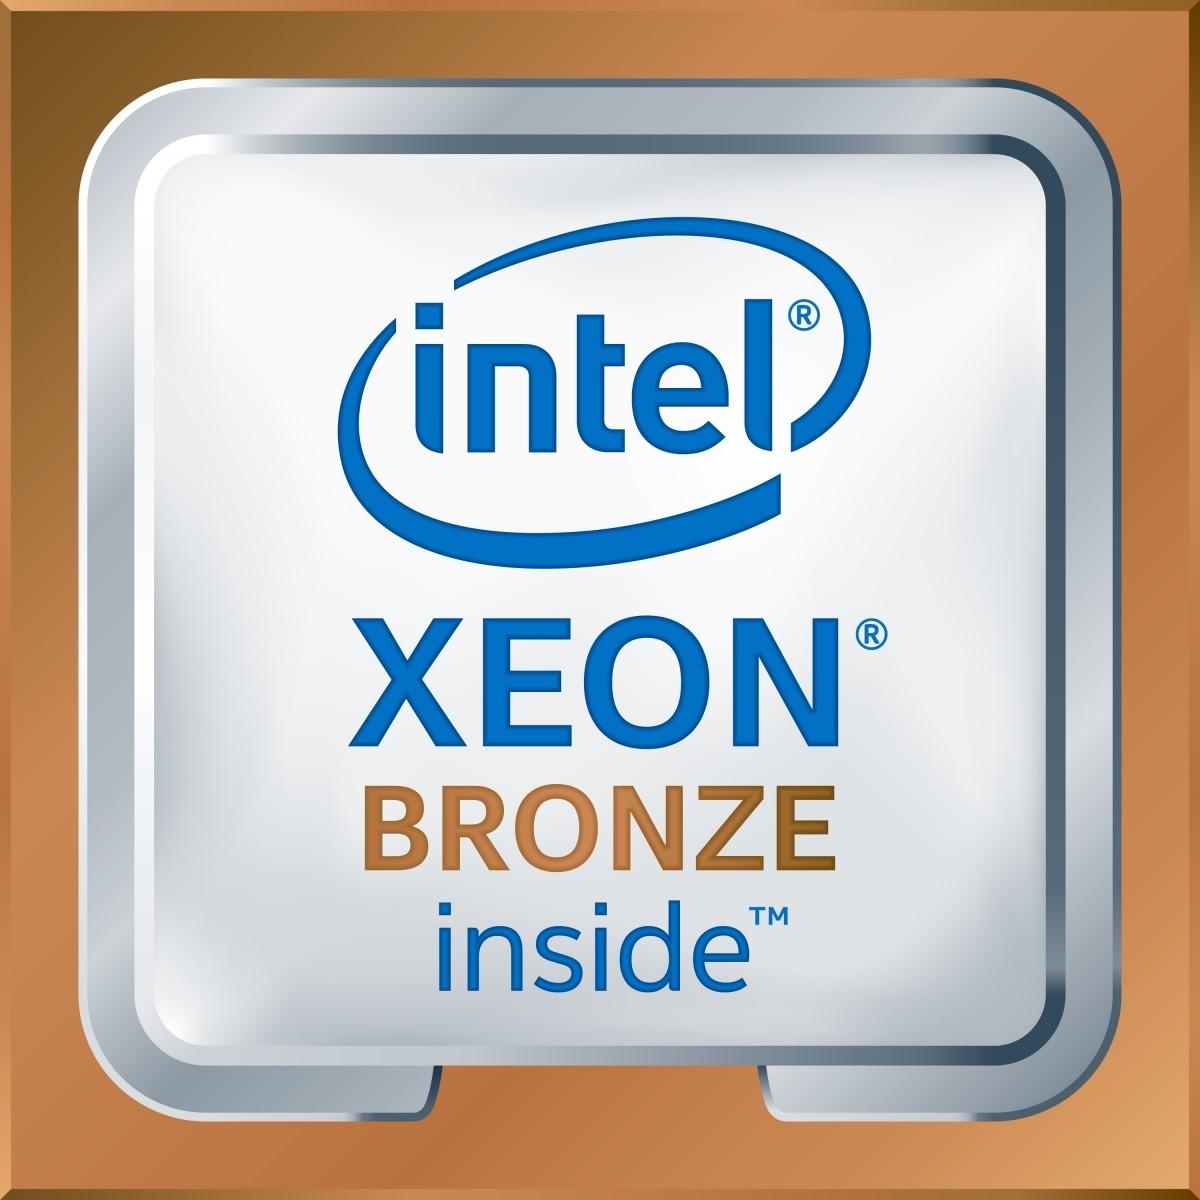 xeon-bronze-3104-6c-1-7-ghz-8-25m-cache-ddr4-up-to-2133-mhz-85w-tdp